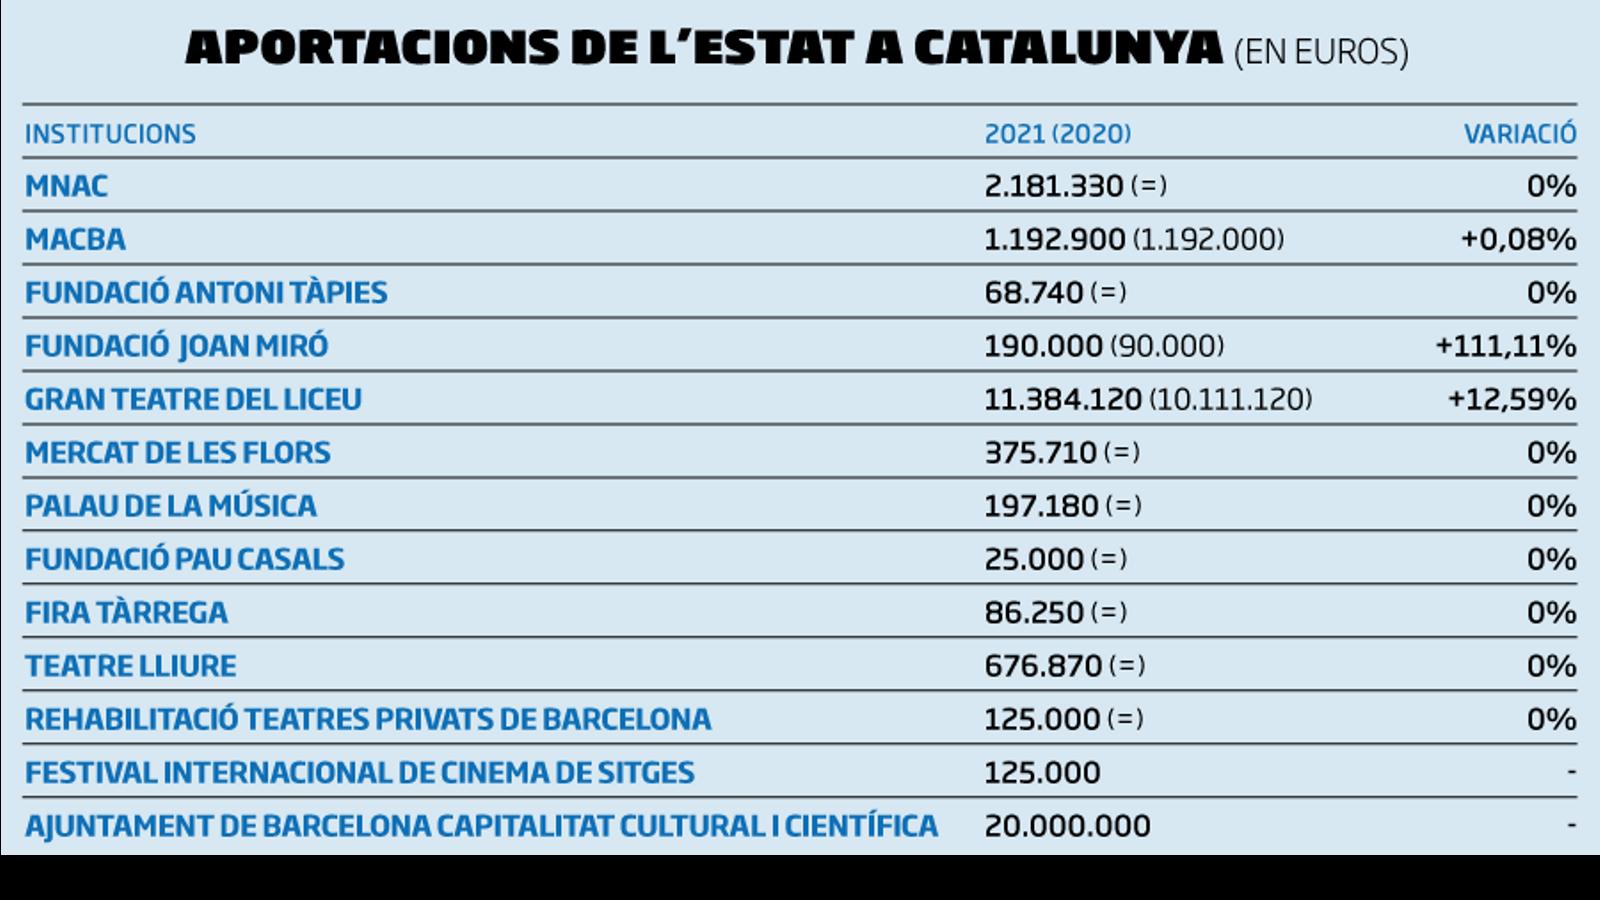 Aportacions de l'Estat a Catalunya